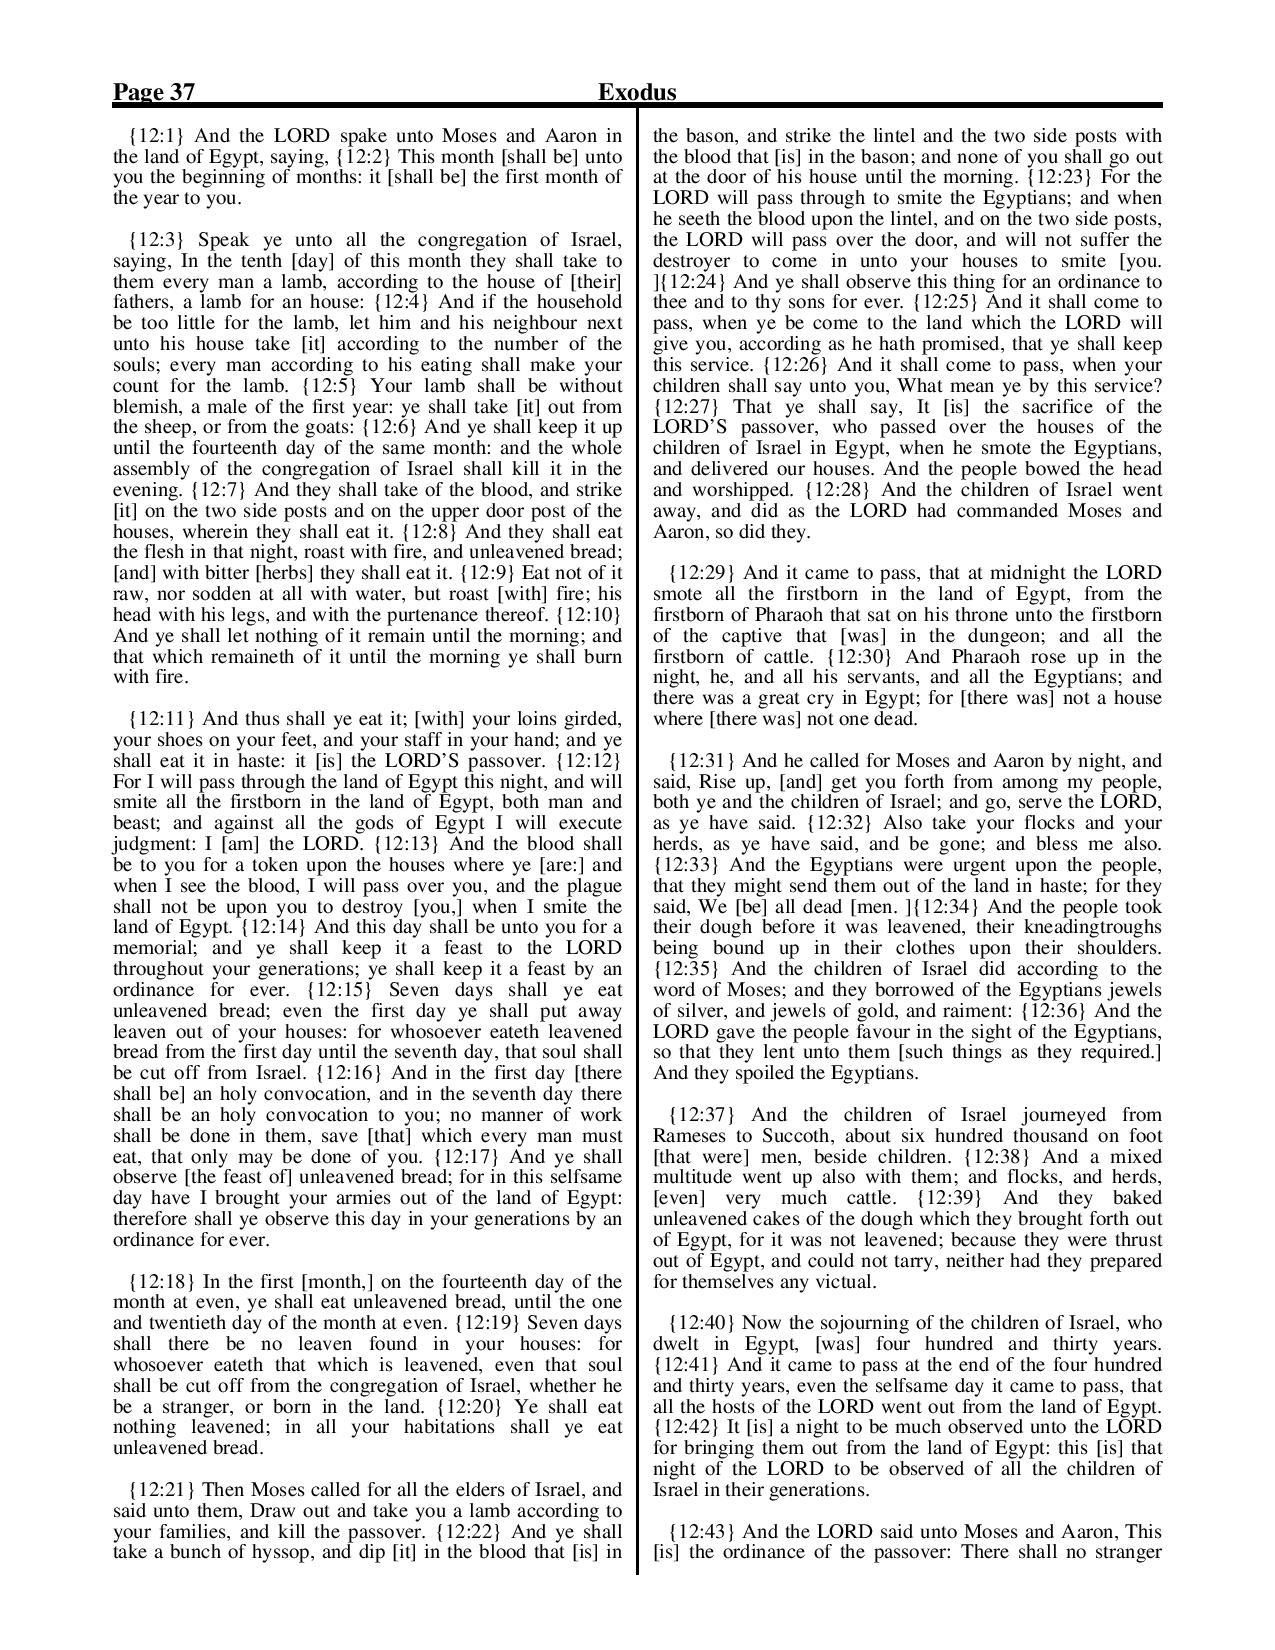 King-James-Bible-KJV-Bible-PDF-page-058